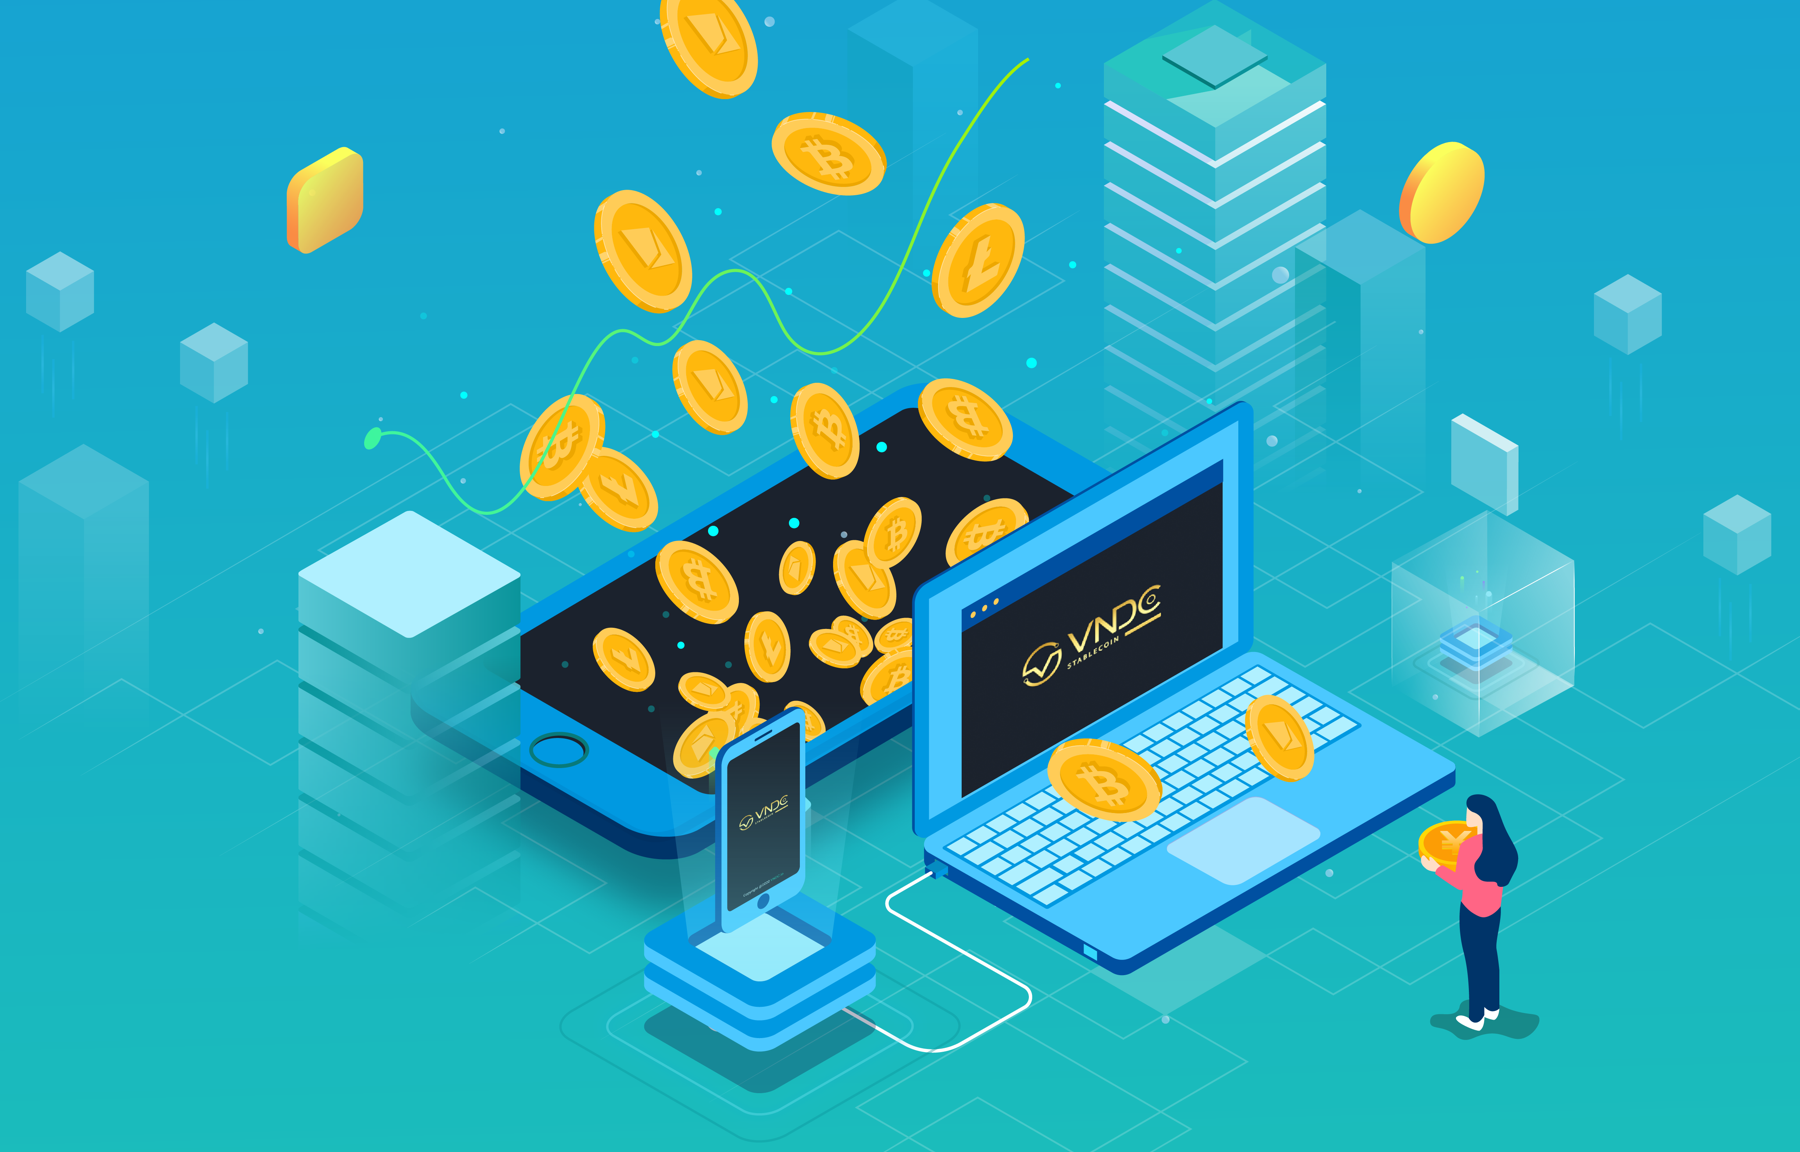 Stablecoin là gì? Có nên đầu tư vào stablecoin?